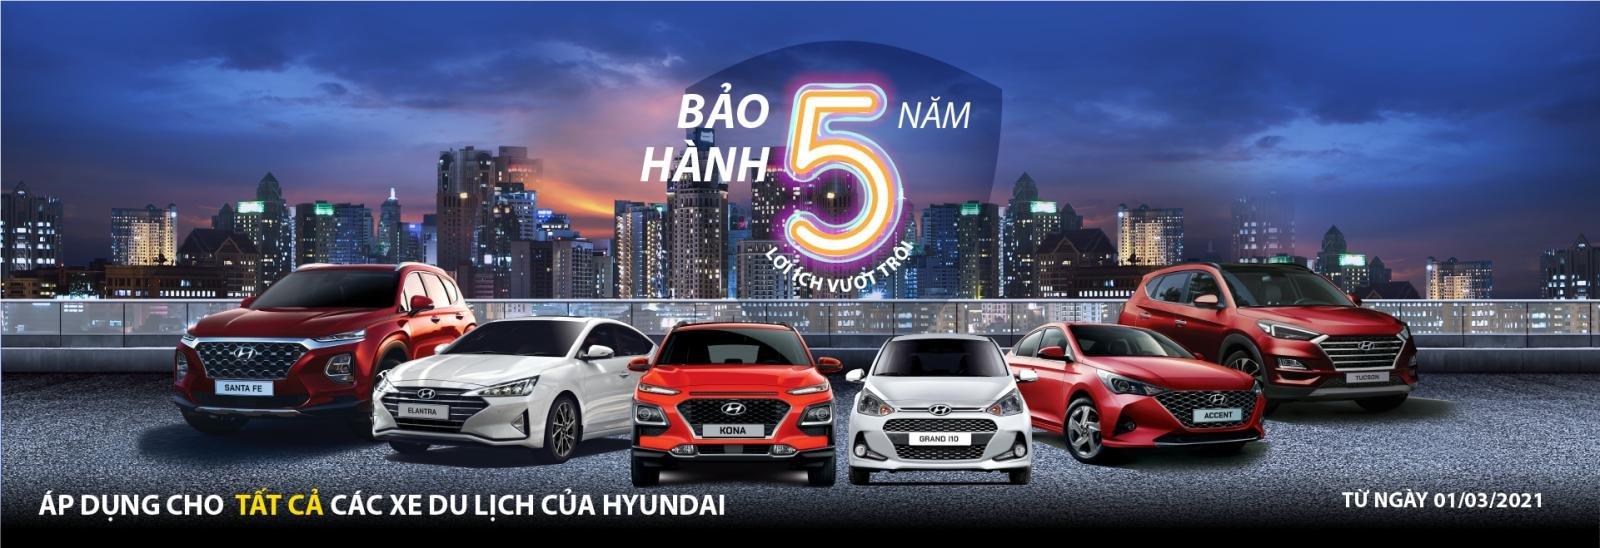 Hyundai Accent 2021 được bảo hành lên tới 5 năm.